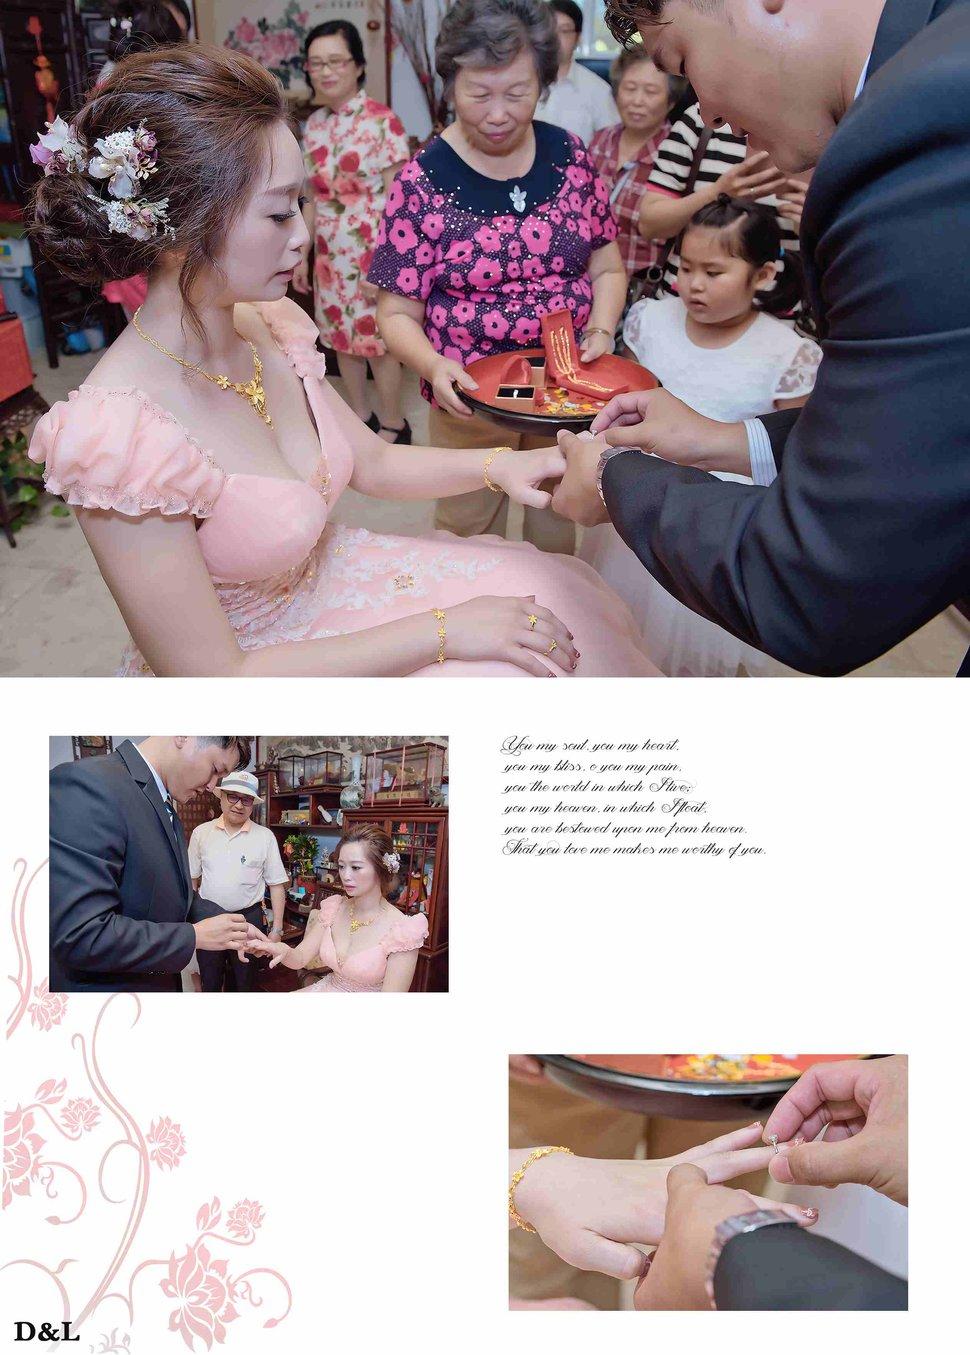 苗栗婚攝 婚禮記錄 俊明&少怡 欣桂竹園餐廳(編號:248808) - D&L 婚禮事務-婚紗攝影/婚禮記錄 - 結婚吧